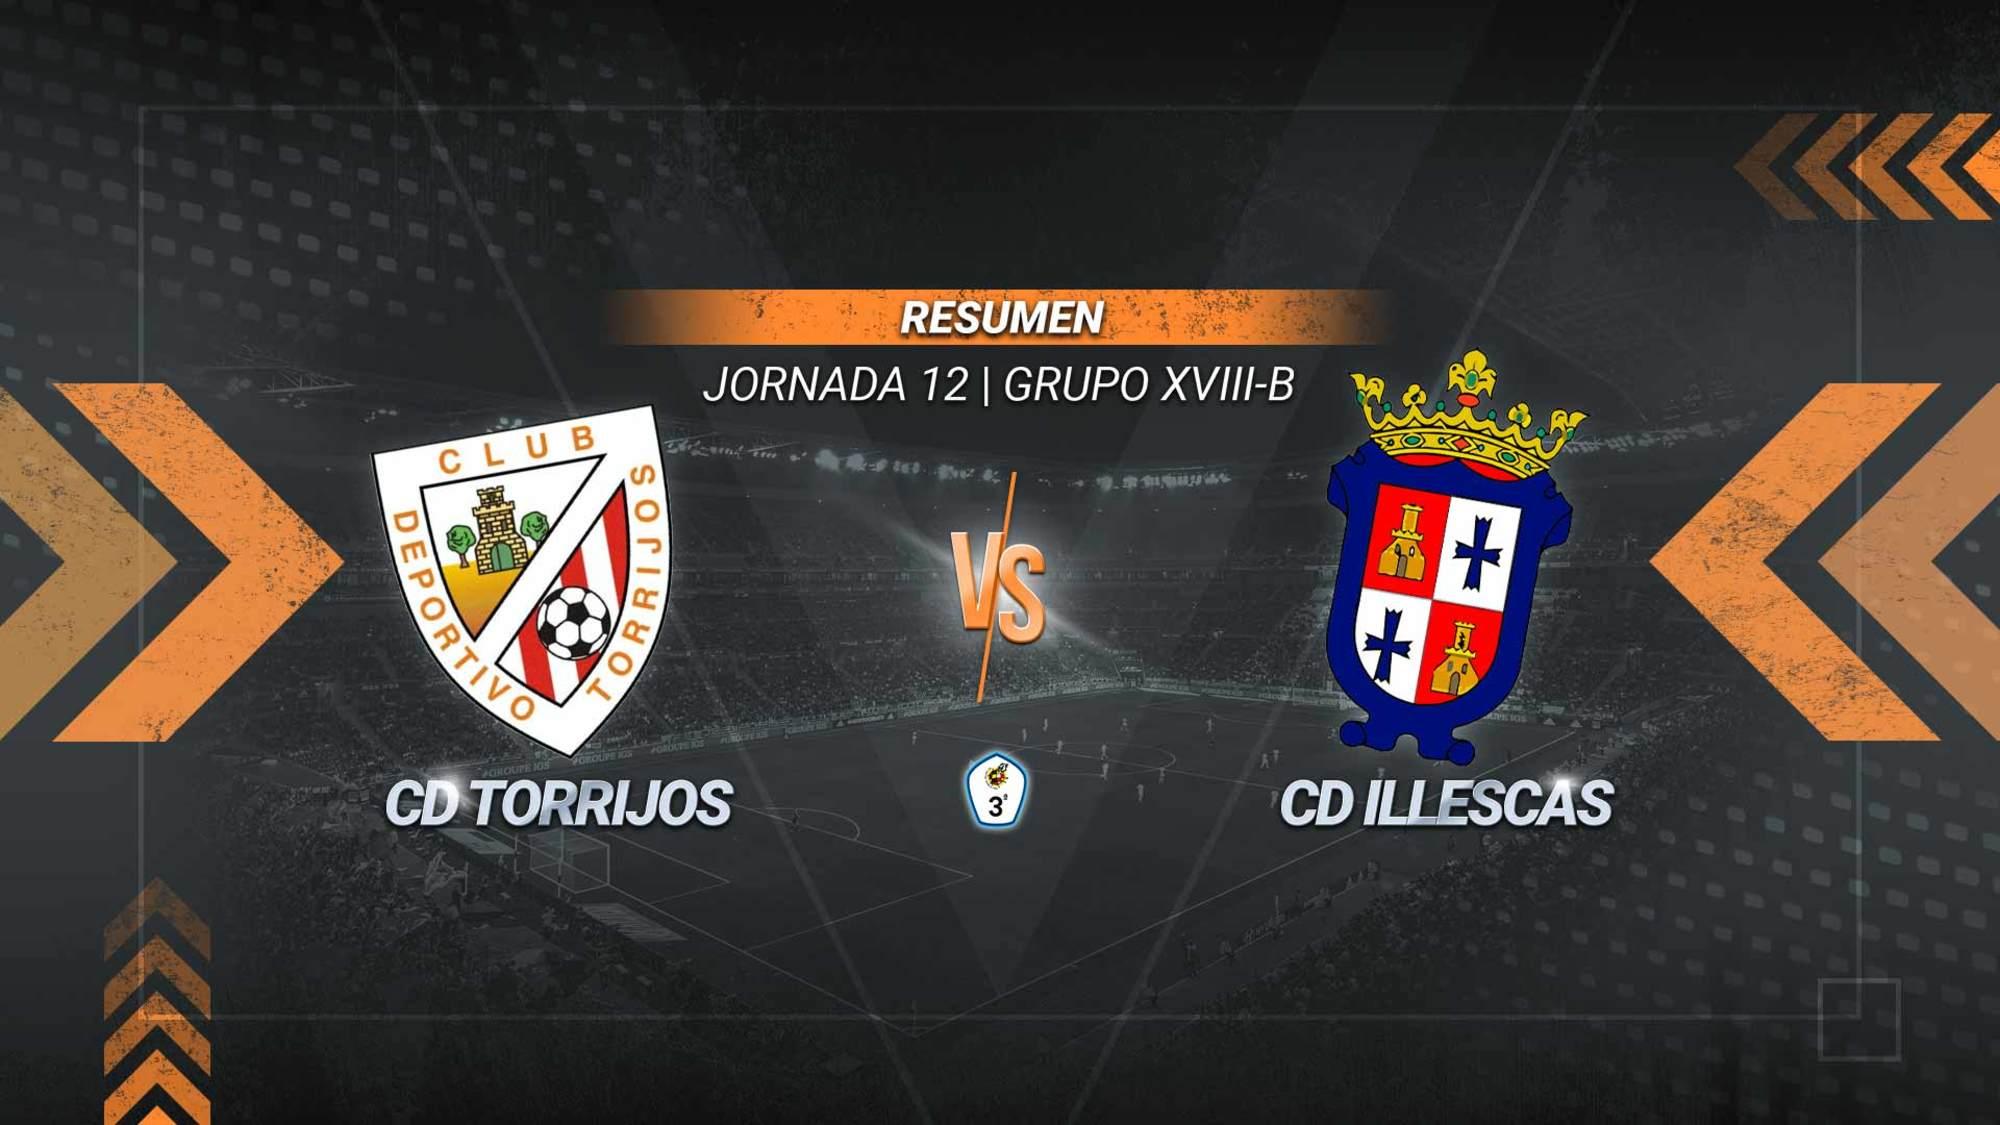 El Torrijos se impone al Illescas en el derbi provincial. Un gol de Pedropa permite a los torrijeños ganar después de su último tropiezo en el Salto del Caballo. El Torrijos es sexto con 21 puntos, mientras que el Illescas es noveno con 15.